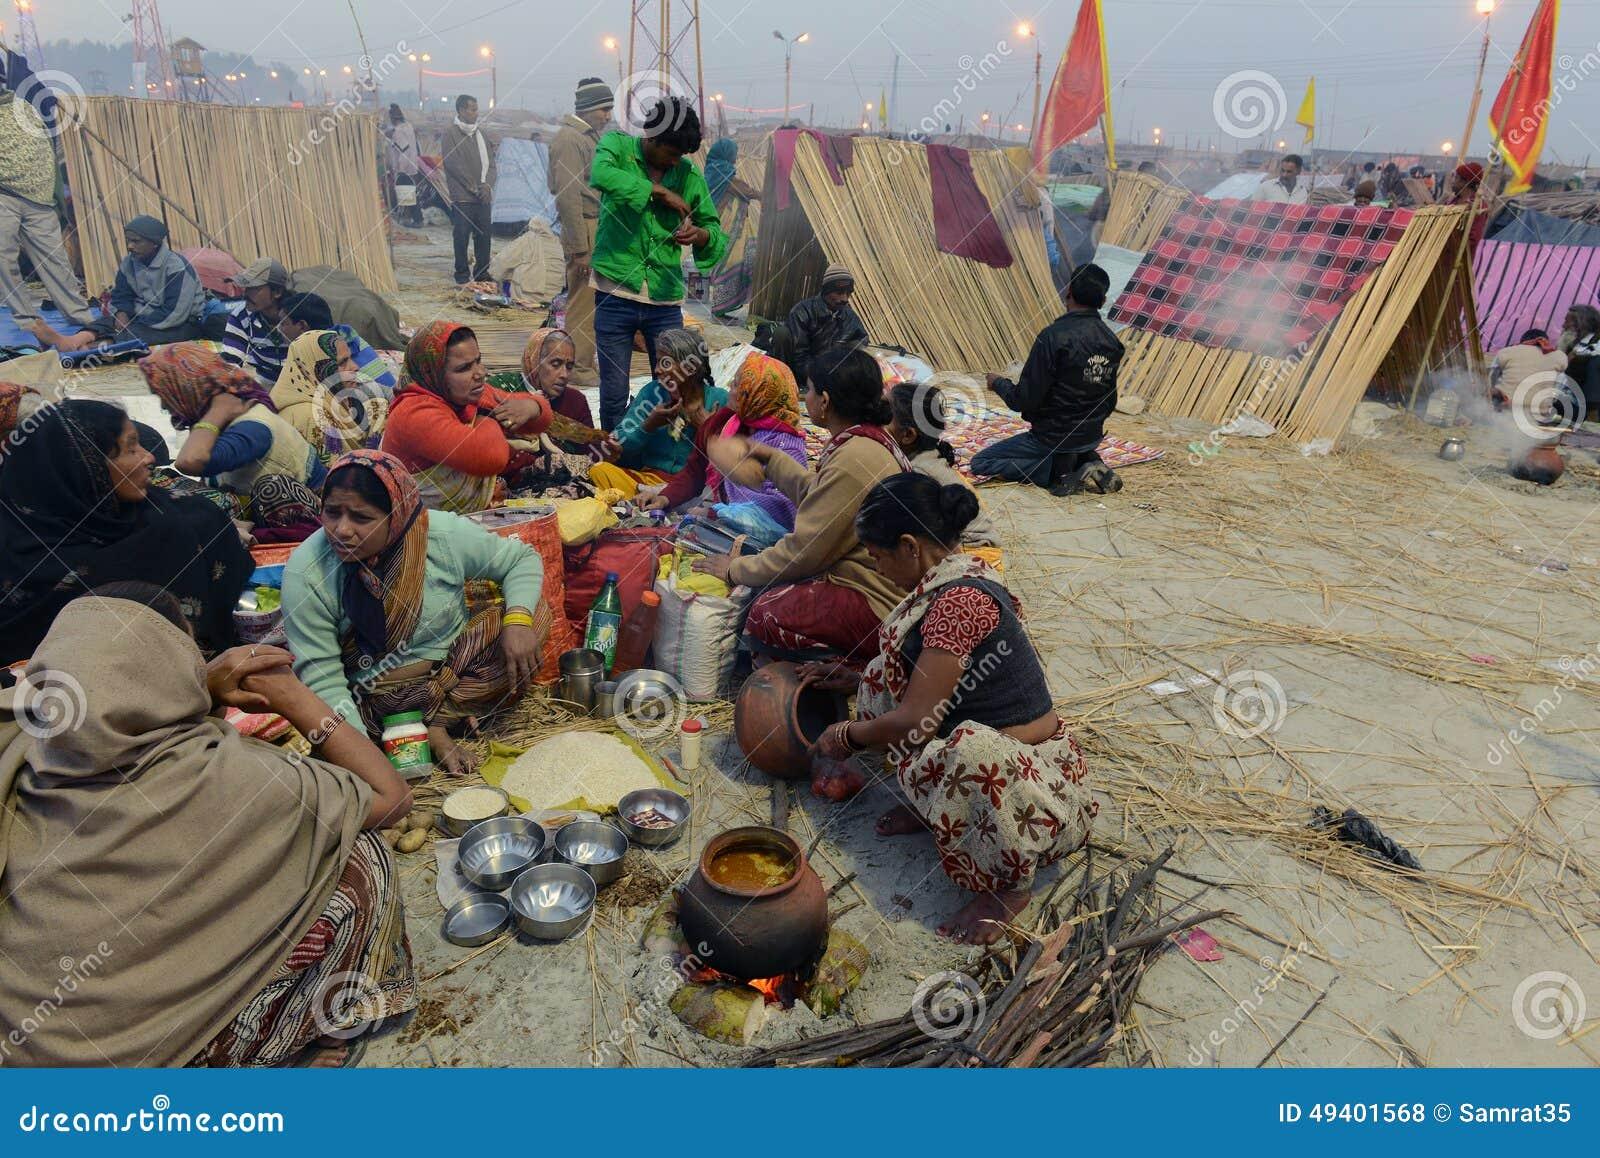 Download Hinduistisches Festival redaktionelles stockfoto. Bild von nebel - 49401568